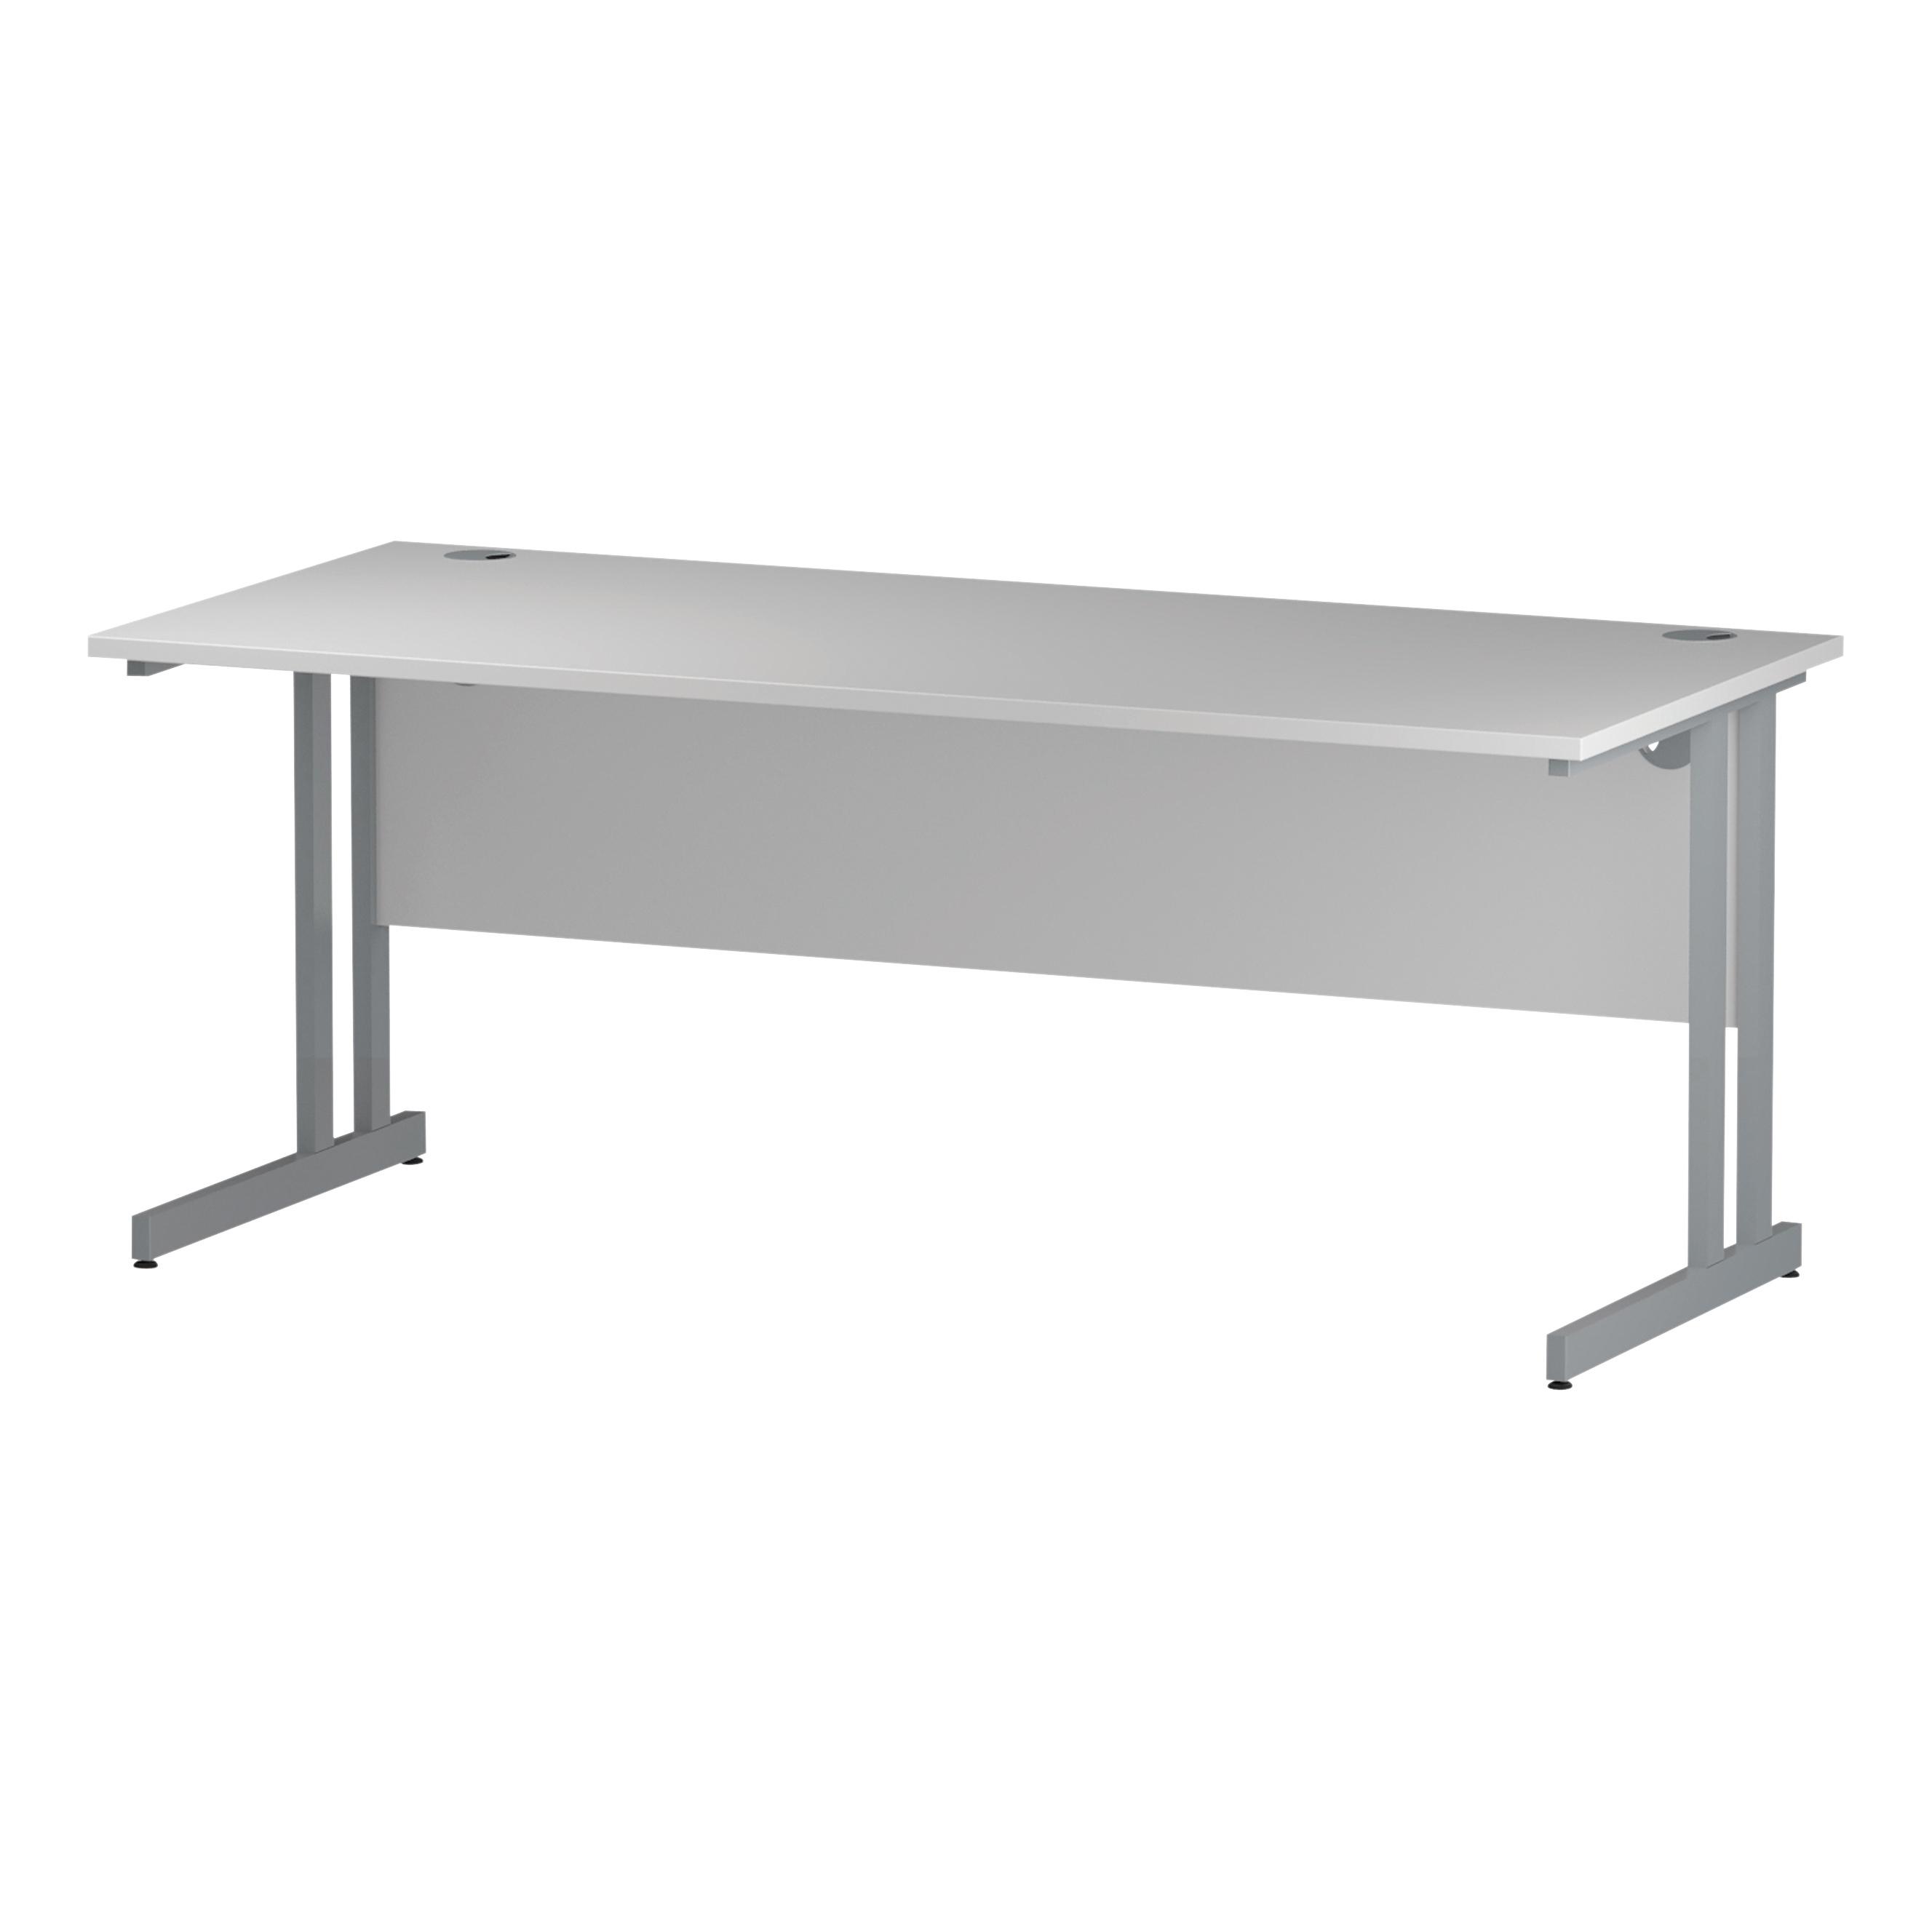 Trexus Rectangular Desk Cantilever Leg 1800mm White